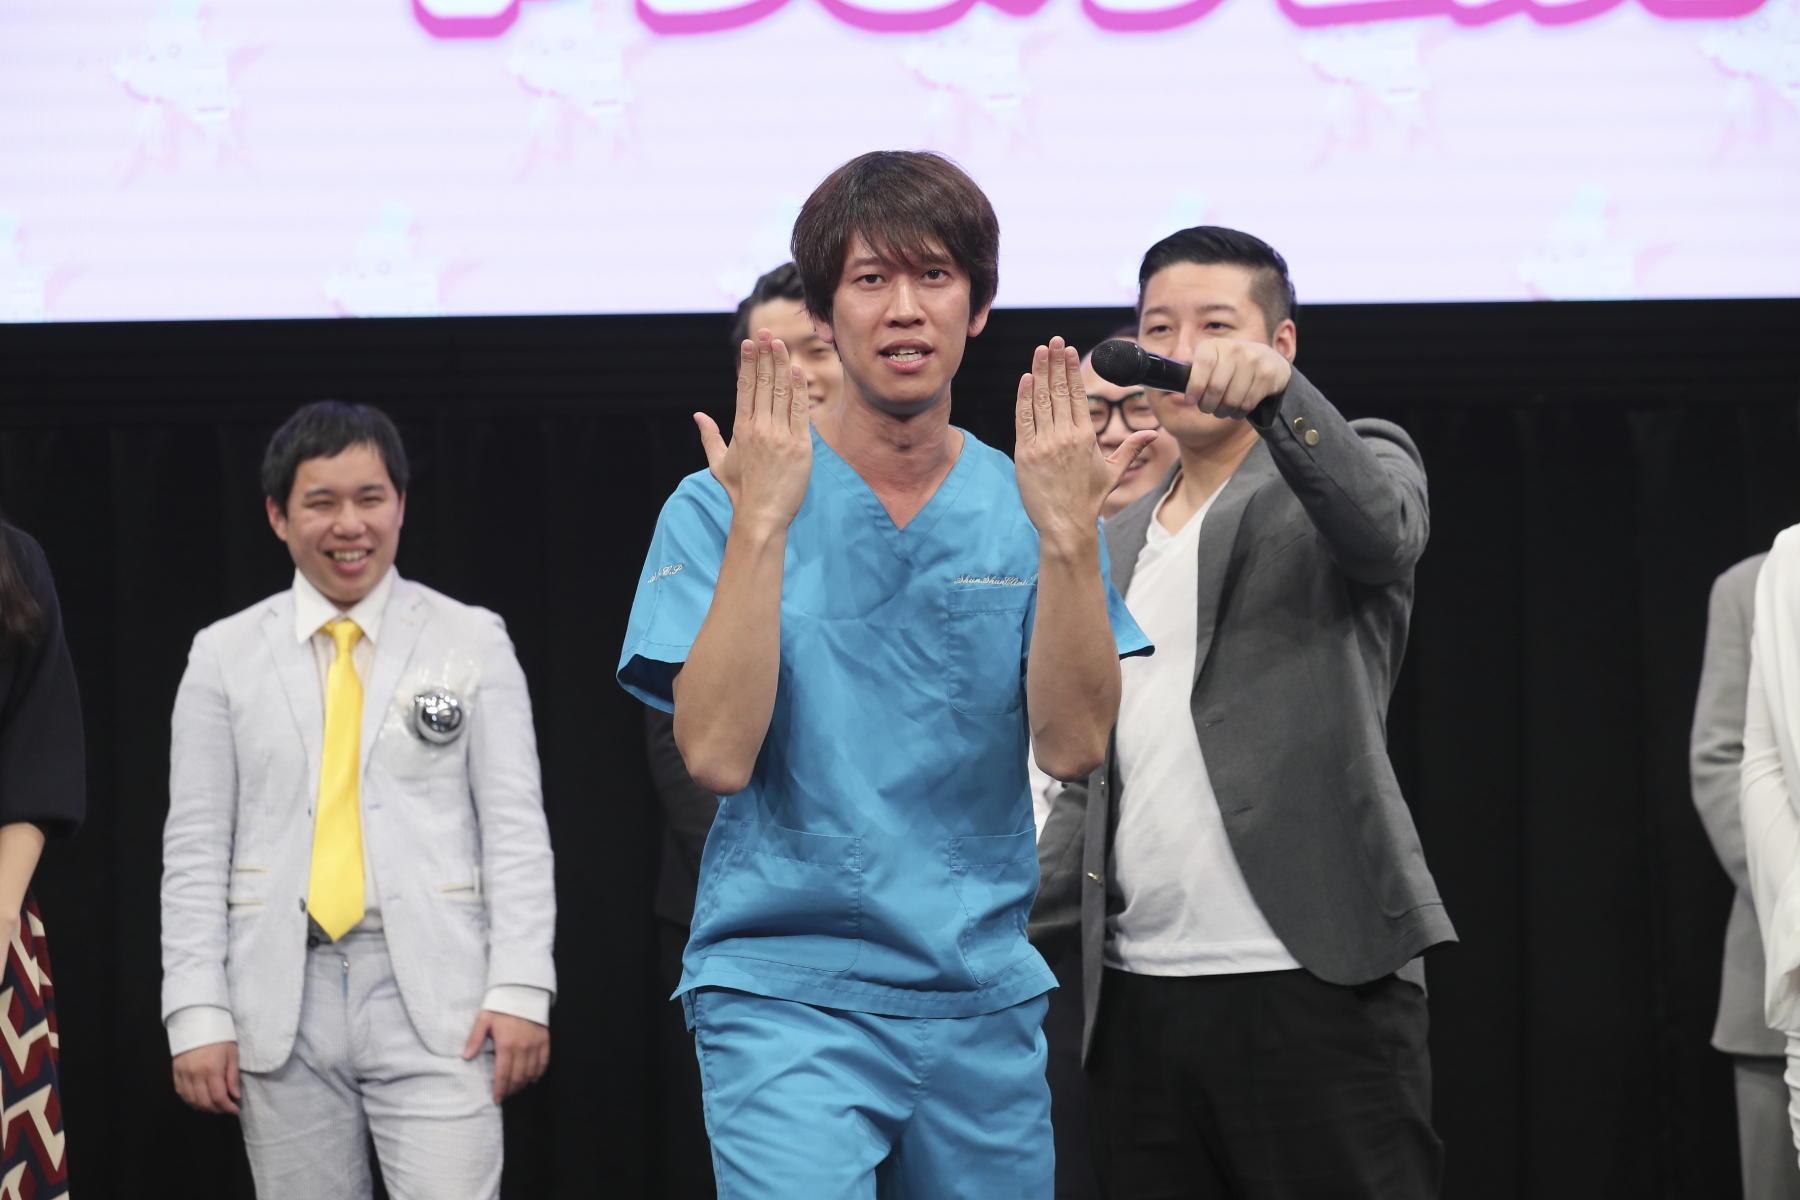 http://news.yoshimoto.co.jp/20181130142920-56a2628f2fa1a576a6b30c0da88ac5c74bc3b7d4.jpg